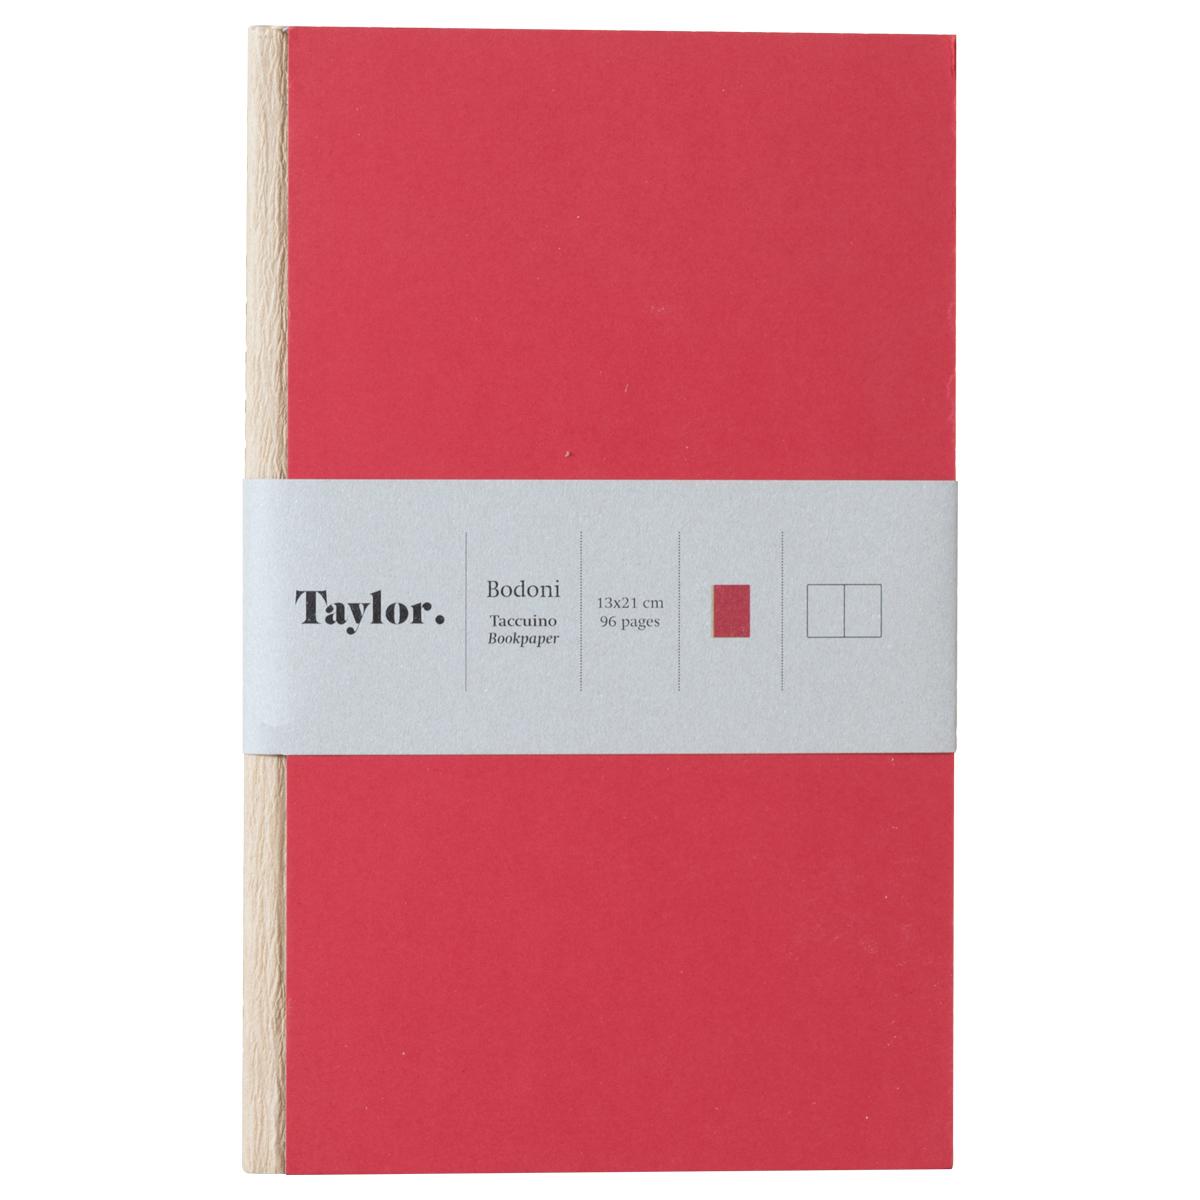 Taccuino piccolo pagine bianche Taylor Bodoni